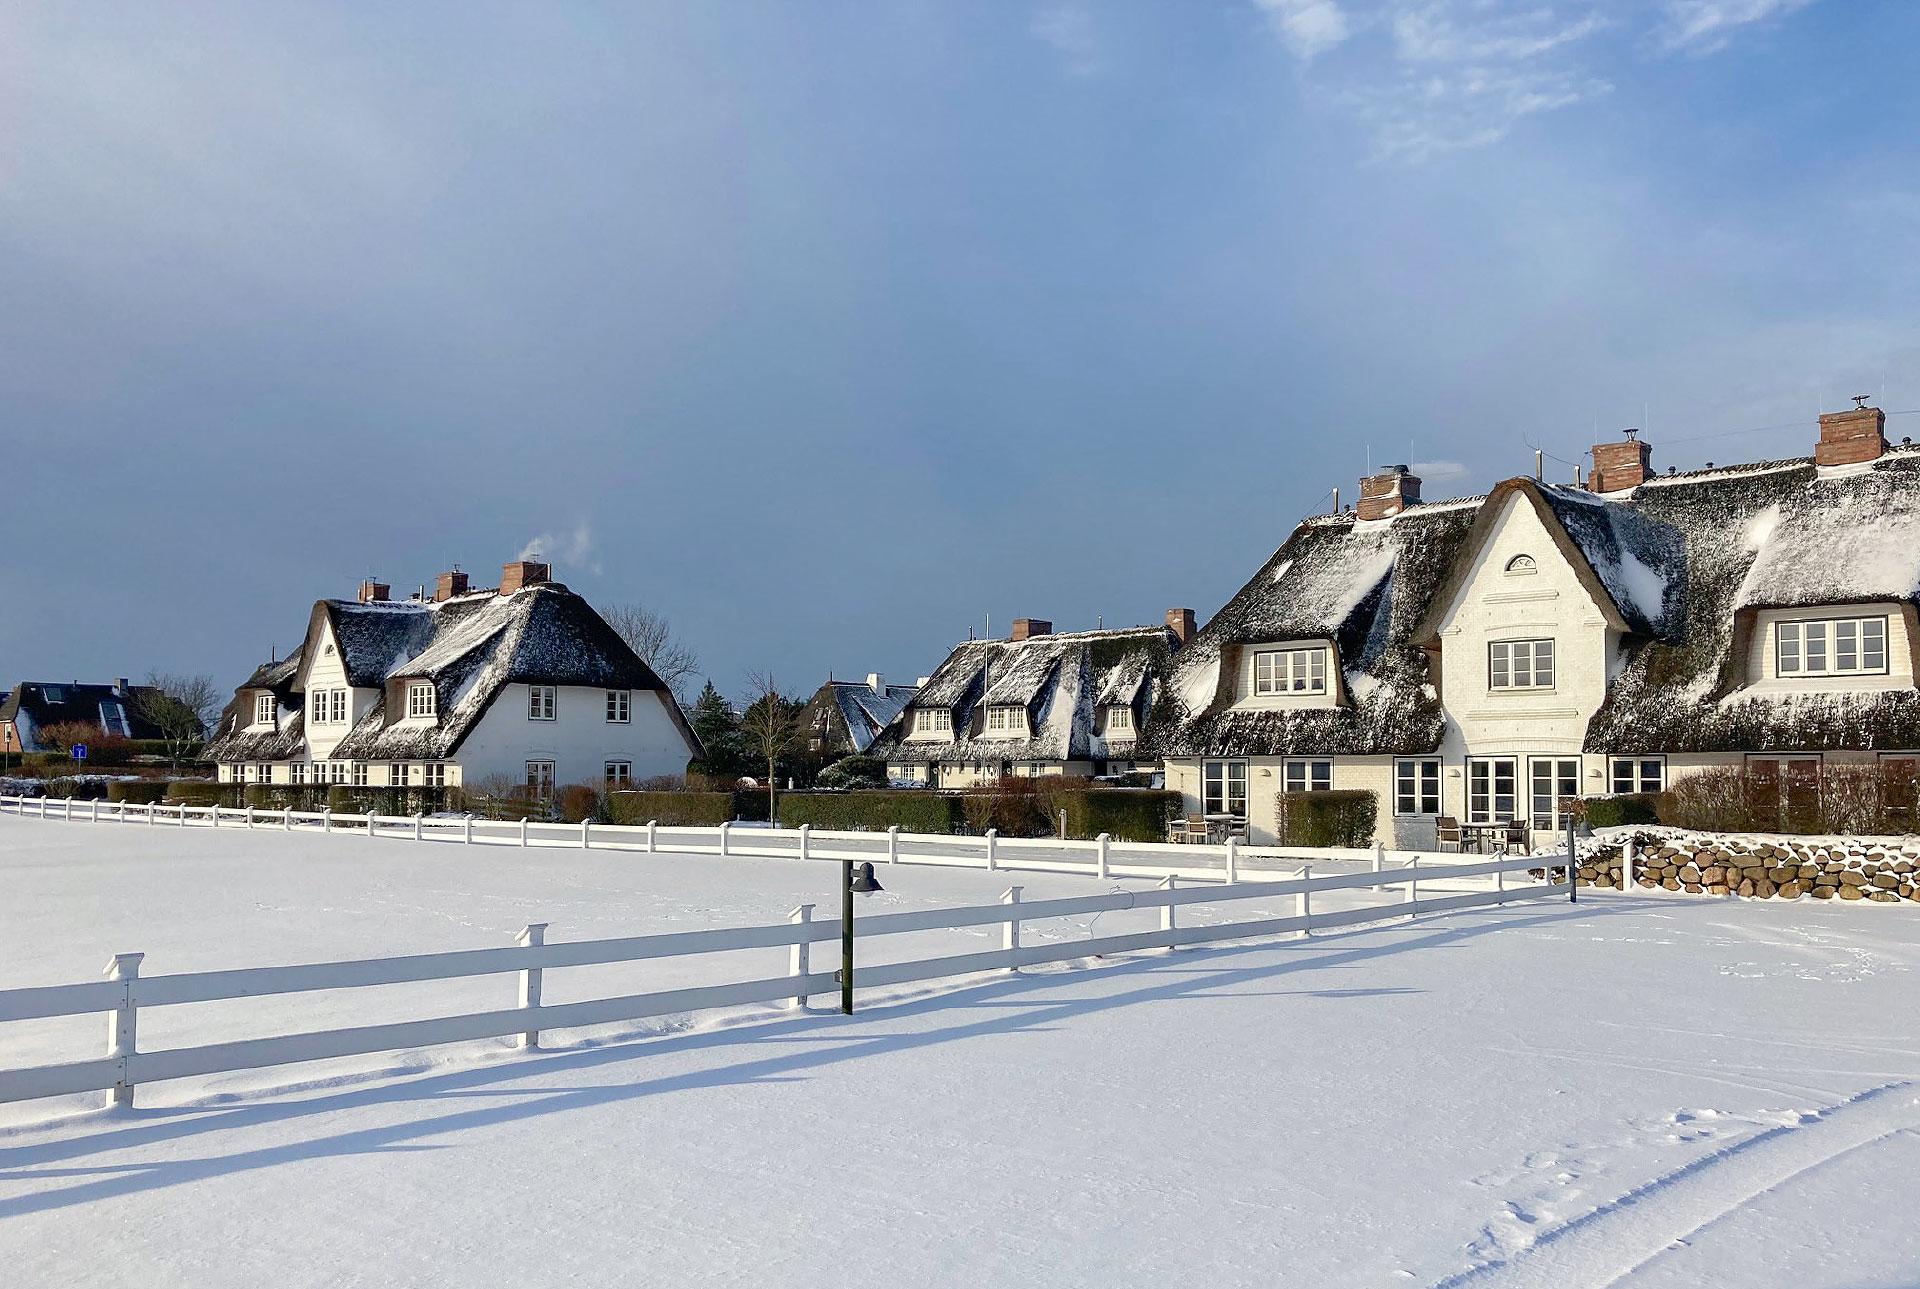 bild-galerie_winter2021_benen-diken-hof_hotel_2021-06